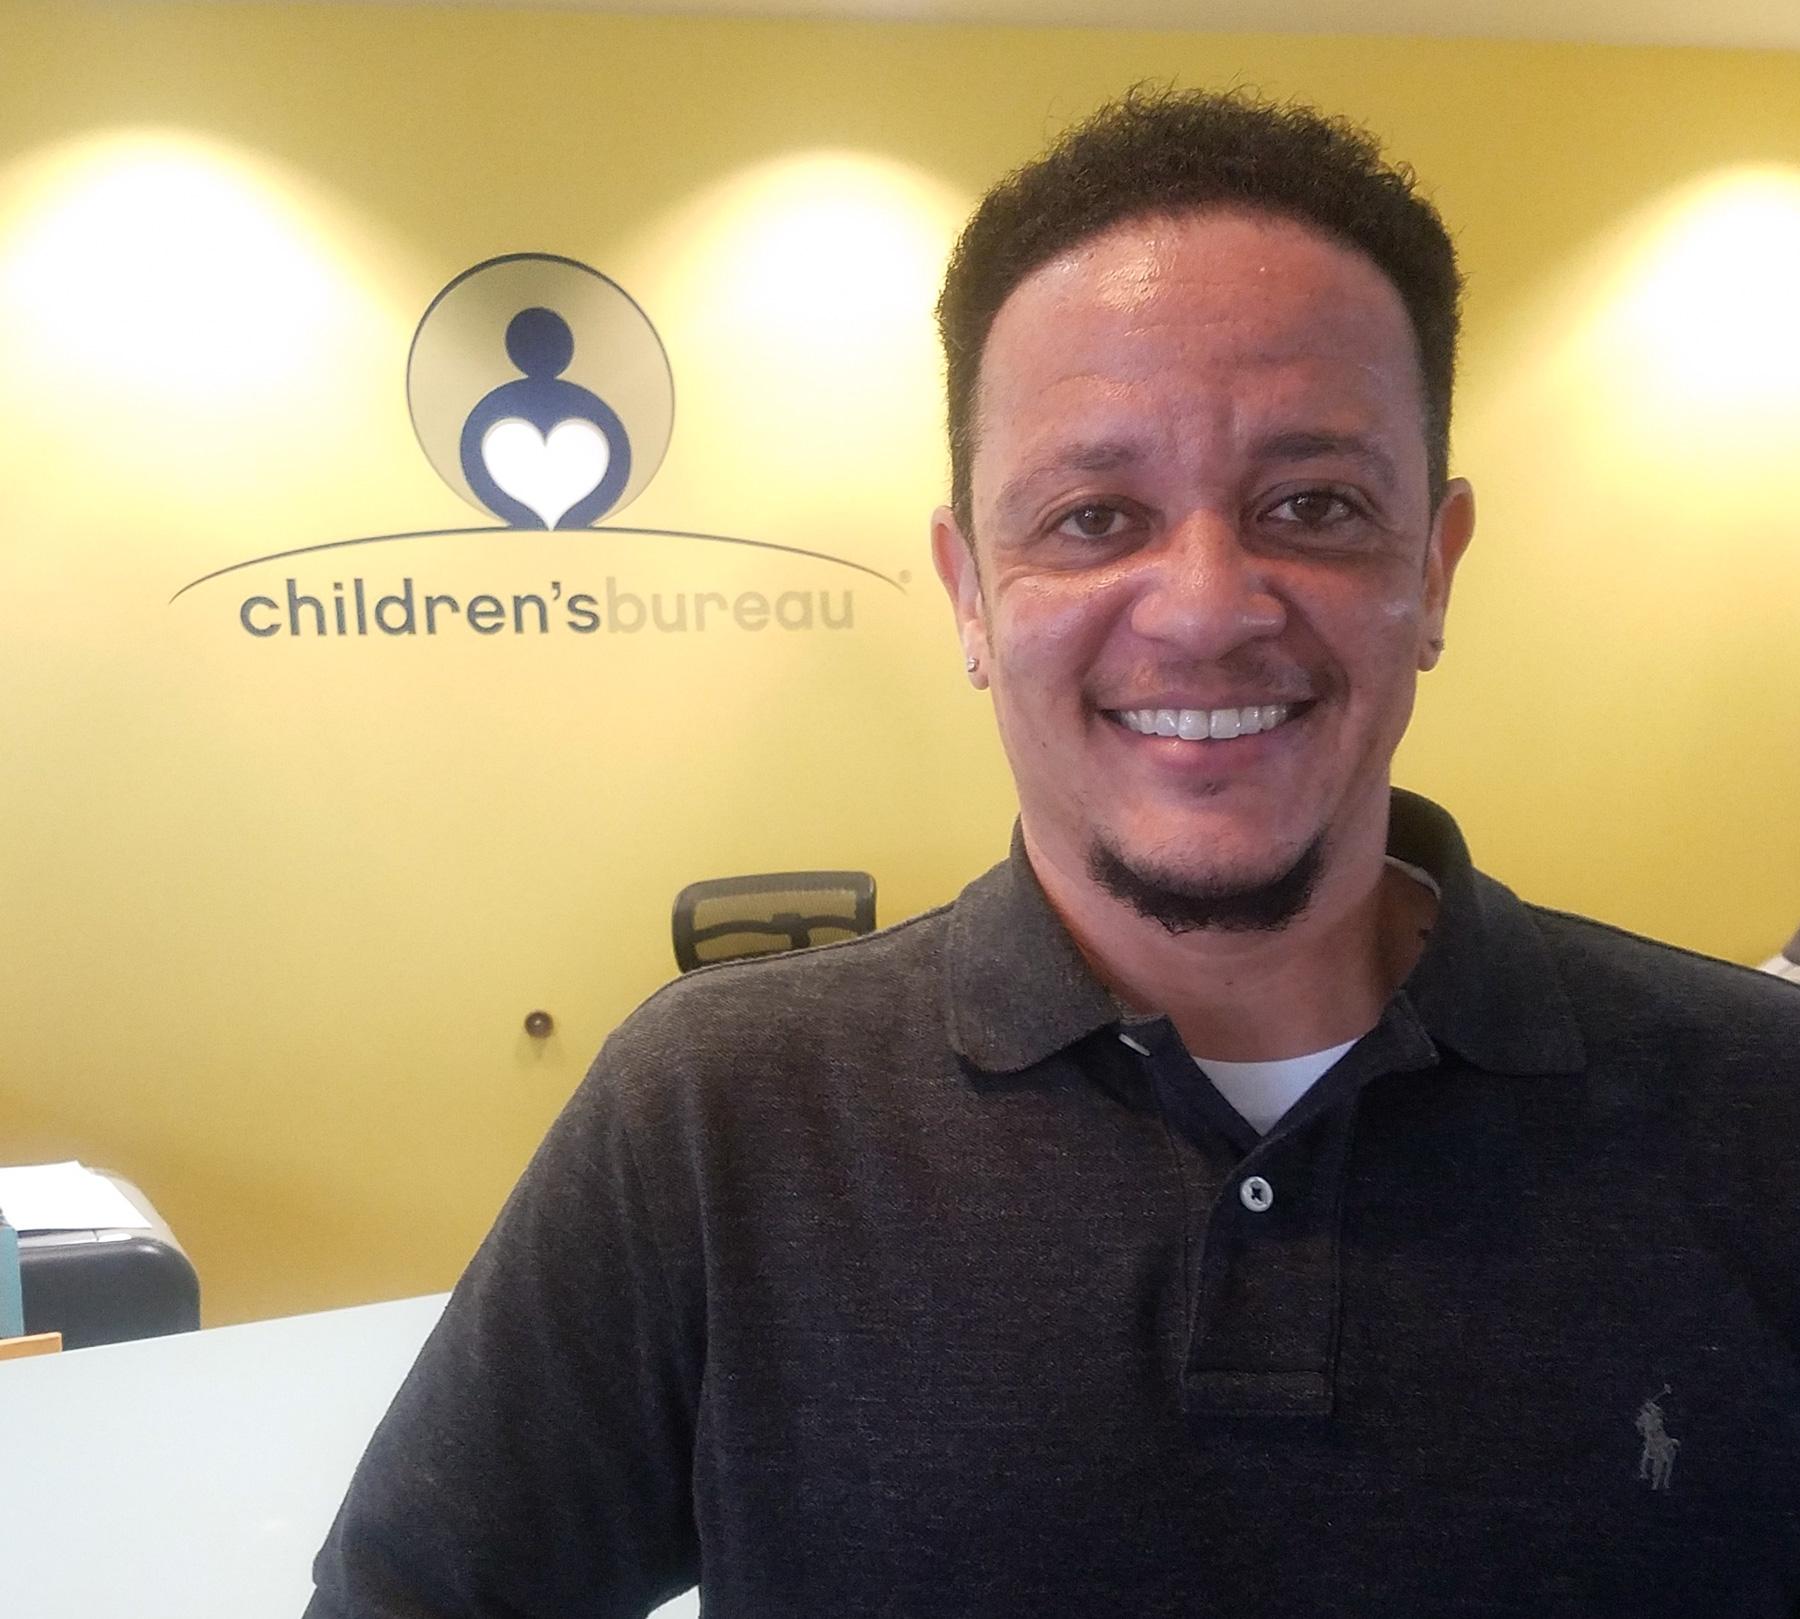 Sean Sparks Children's Bureau